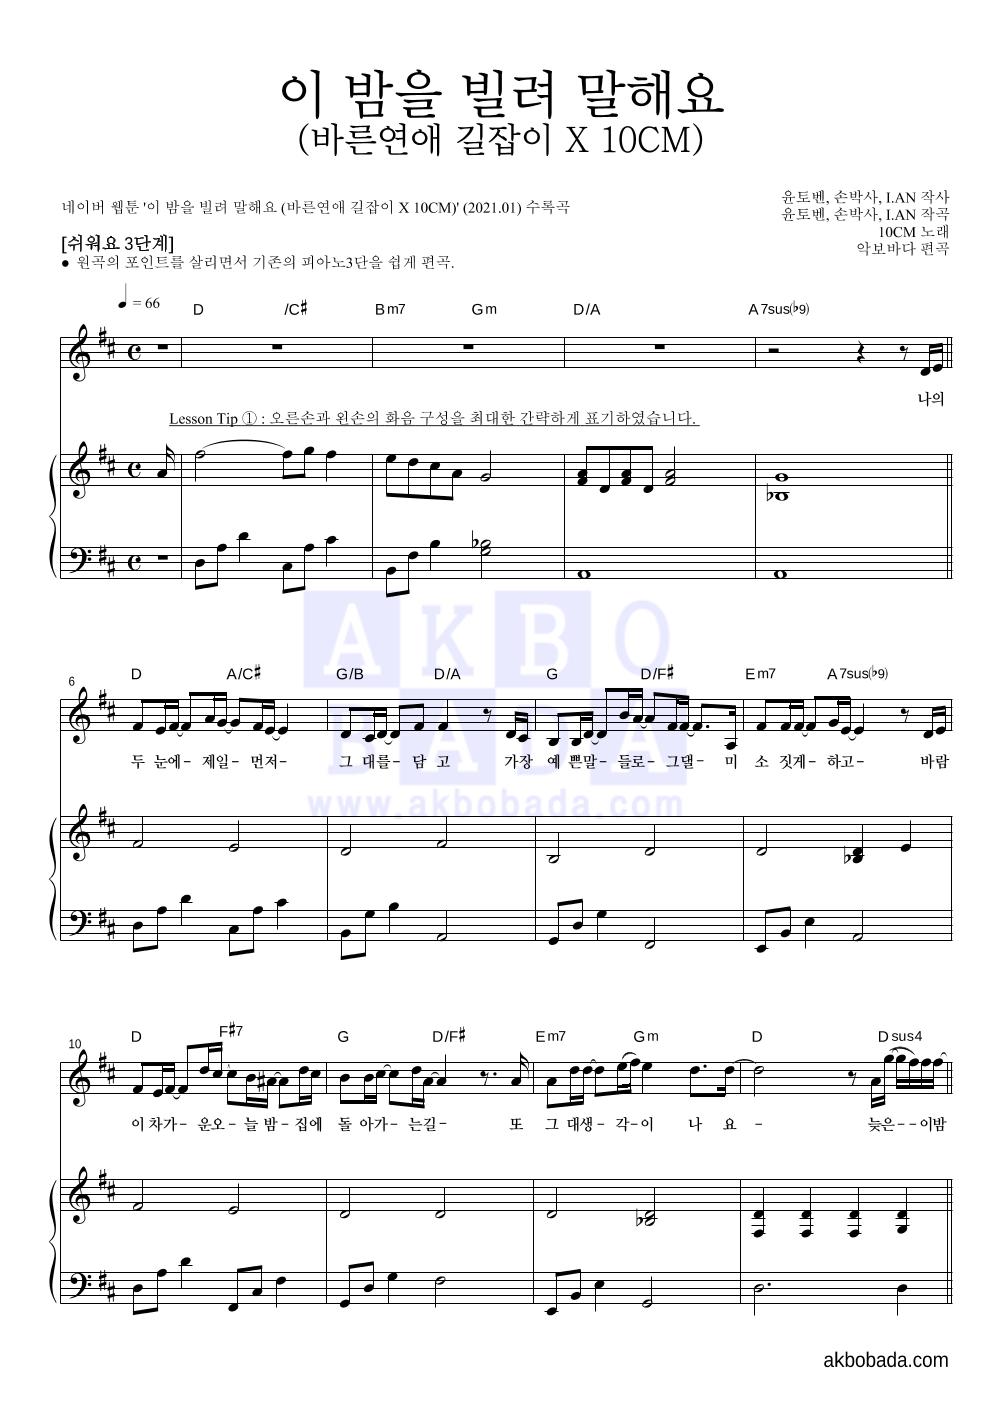 10CM - 이 밤을 빌려 말해요 (바른연애 길잡이 X 10CM) 피아노3단-쉬워요 악보